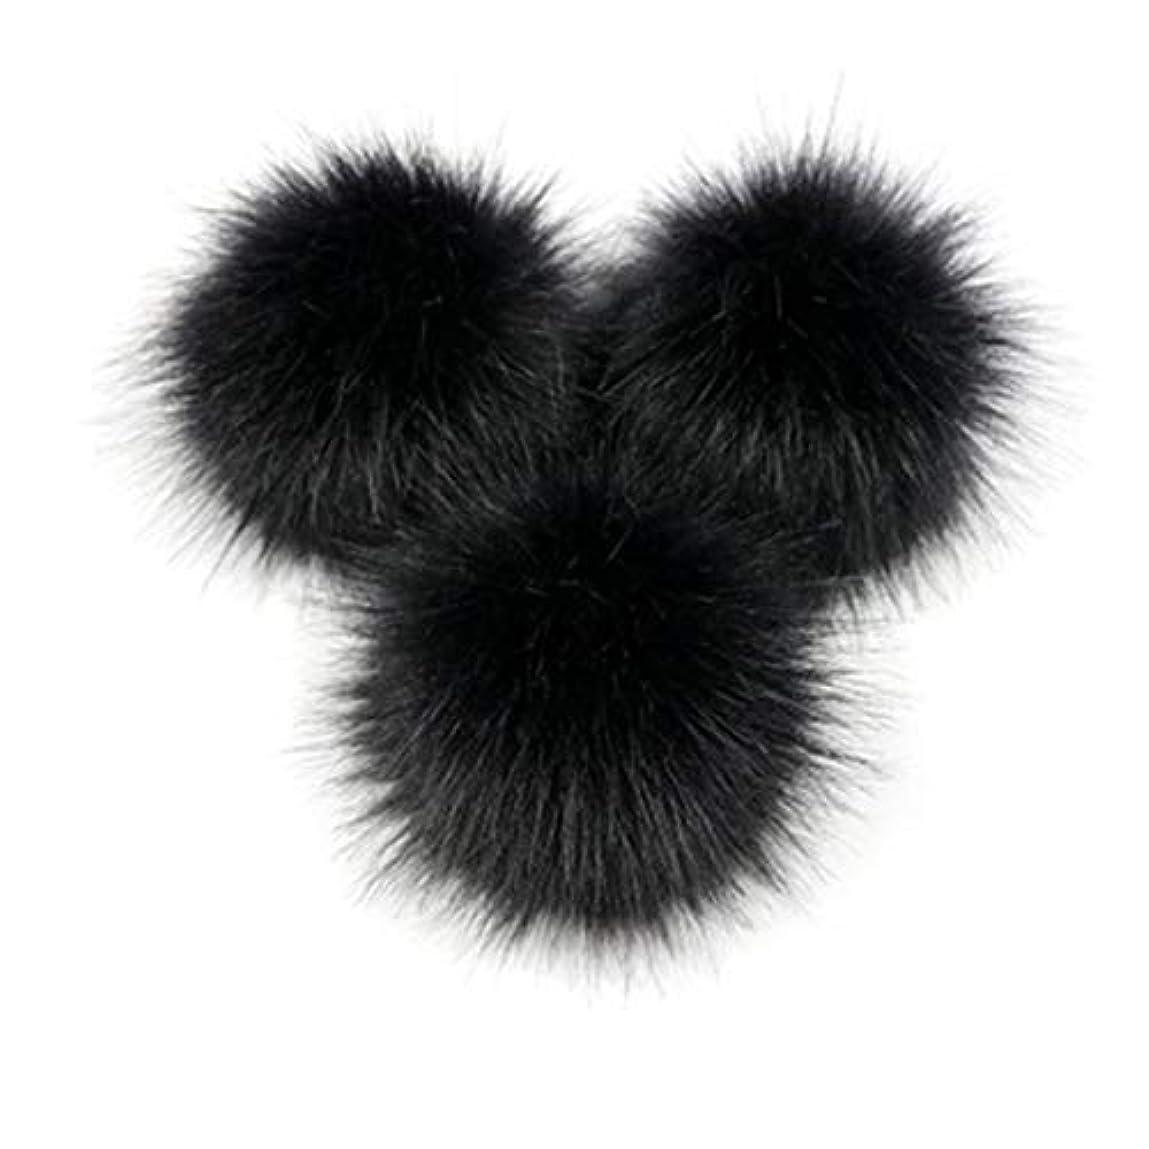 組み合わせる確率繊毛Kongqiabonaかわいいキツネの毛皮のポンポン取り外し可能な毛皮ふわふわボブルボールでプレスボタン用diy帽子キャップバッグ服靴の装飾